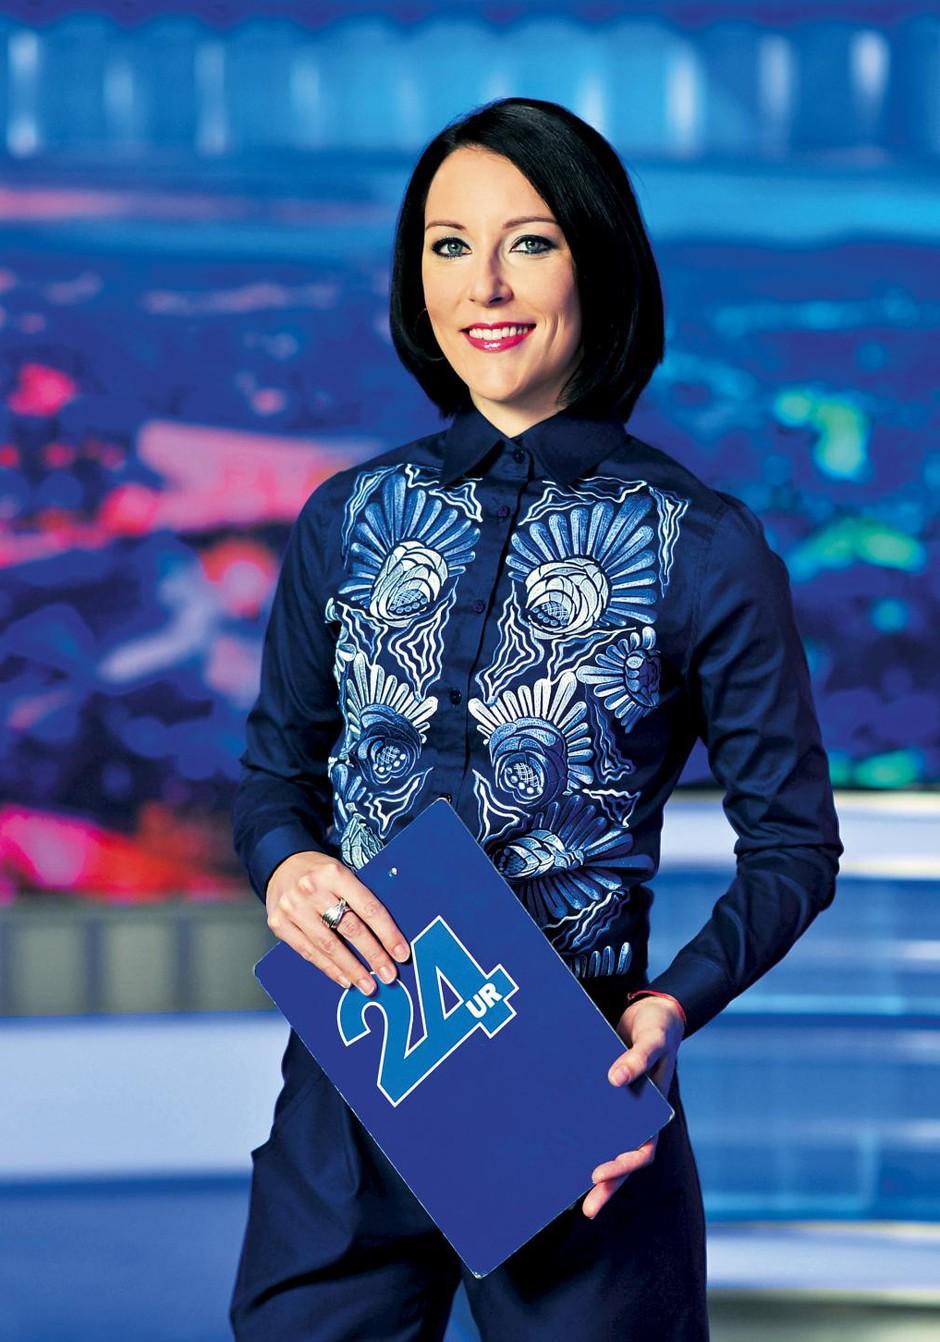 Voditeljica Maja Sodja je rodila fantka Marka! Srečo v ljubezni našla s fotografom (foto: Helena Kermelj)